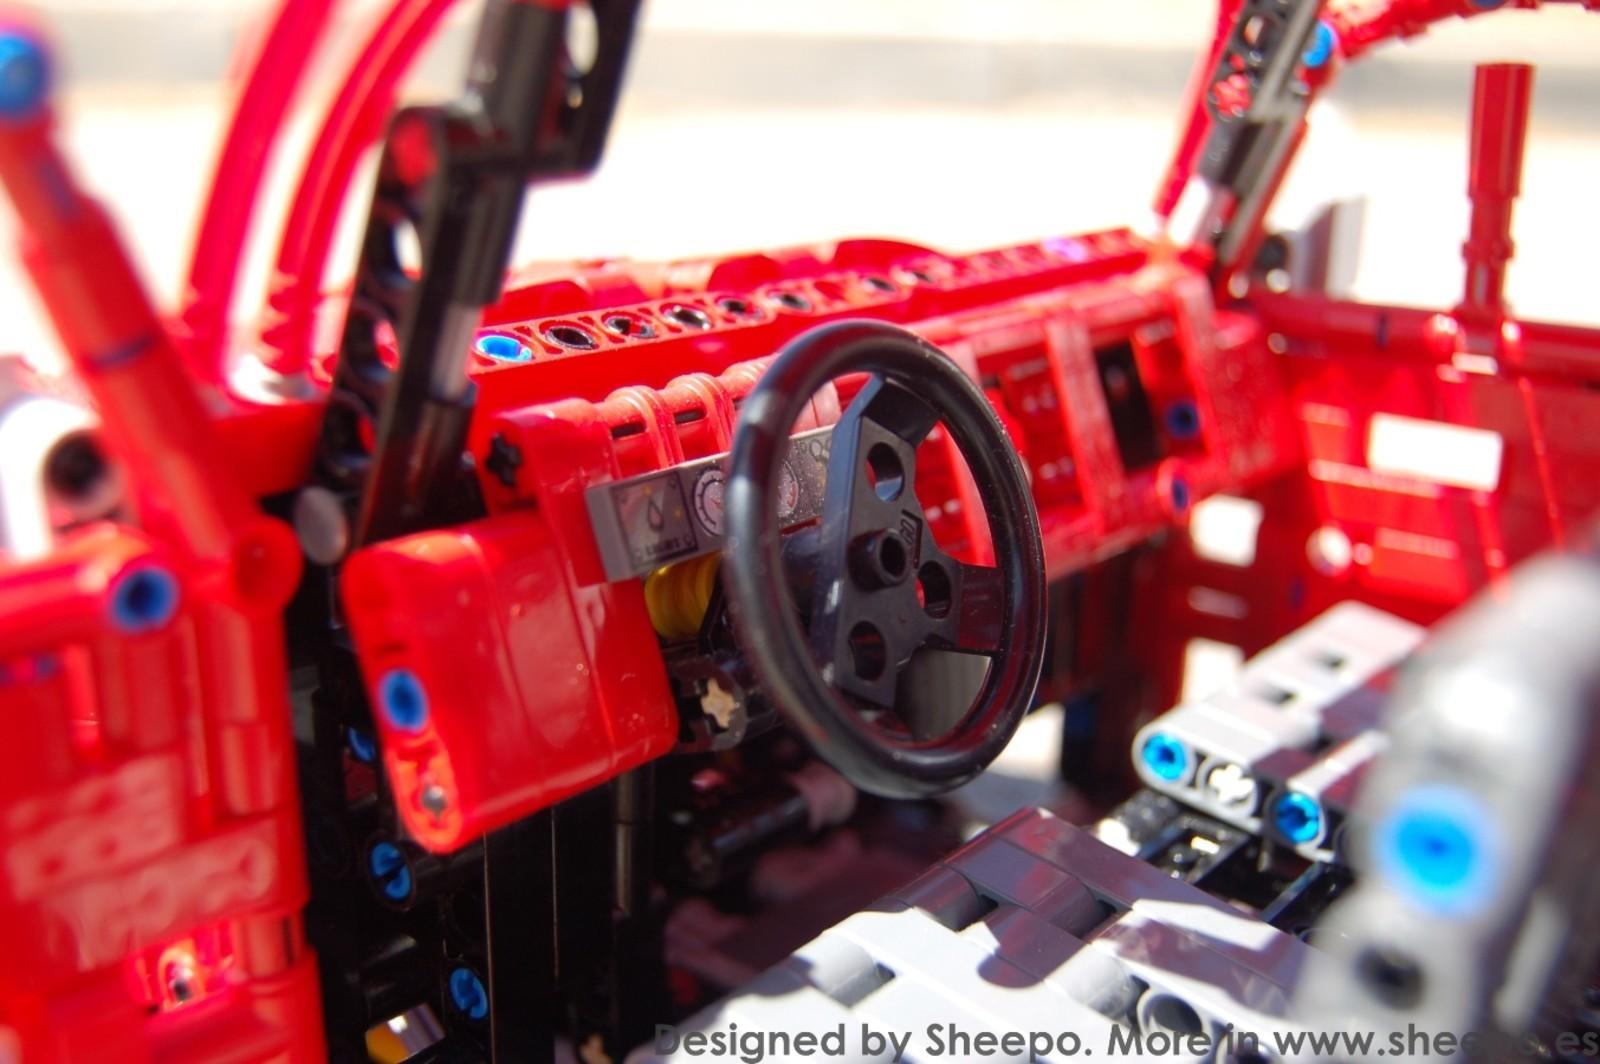 Diseños de Sheepo en Lego